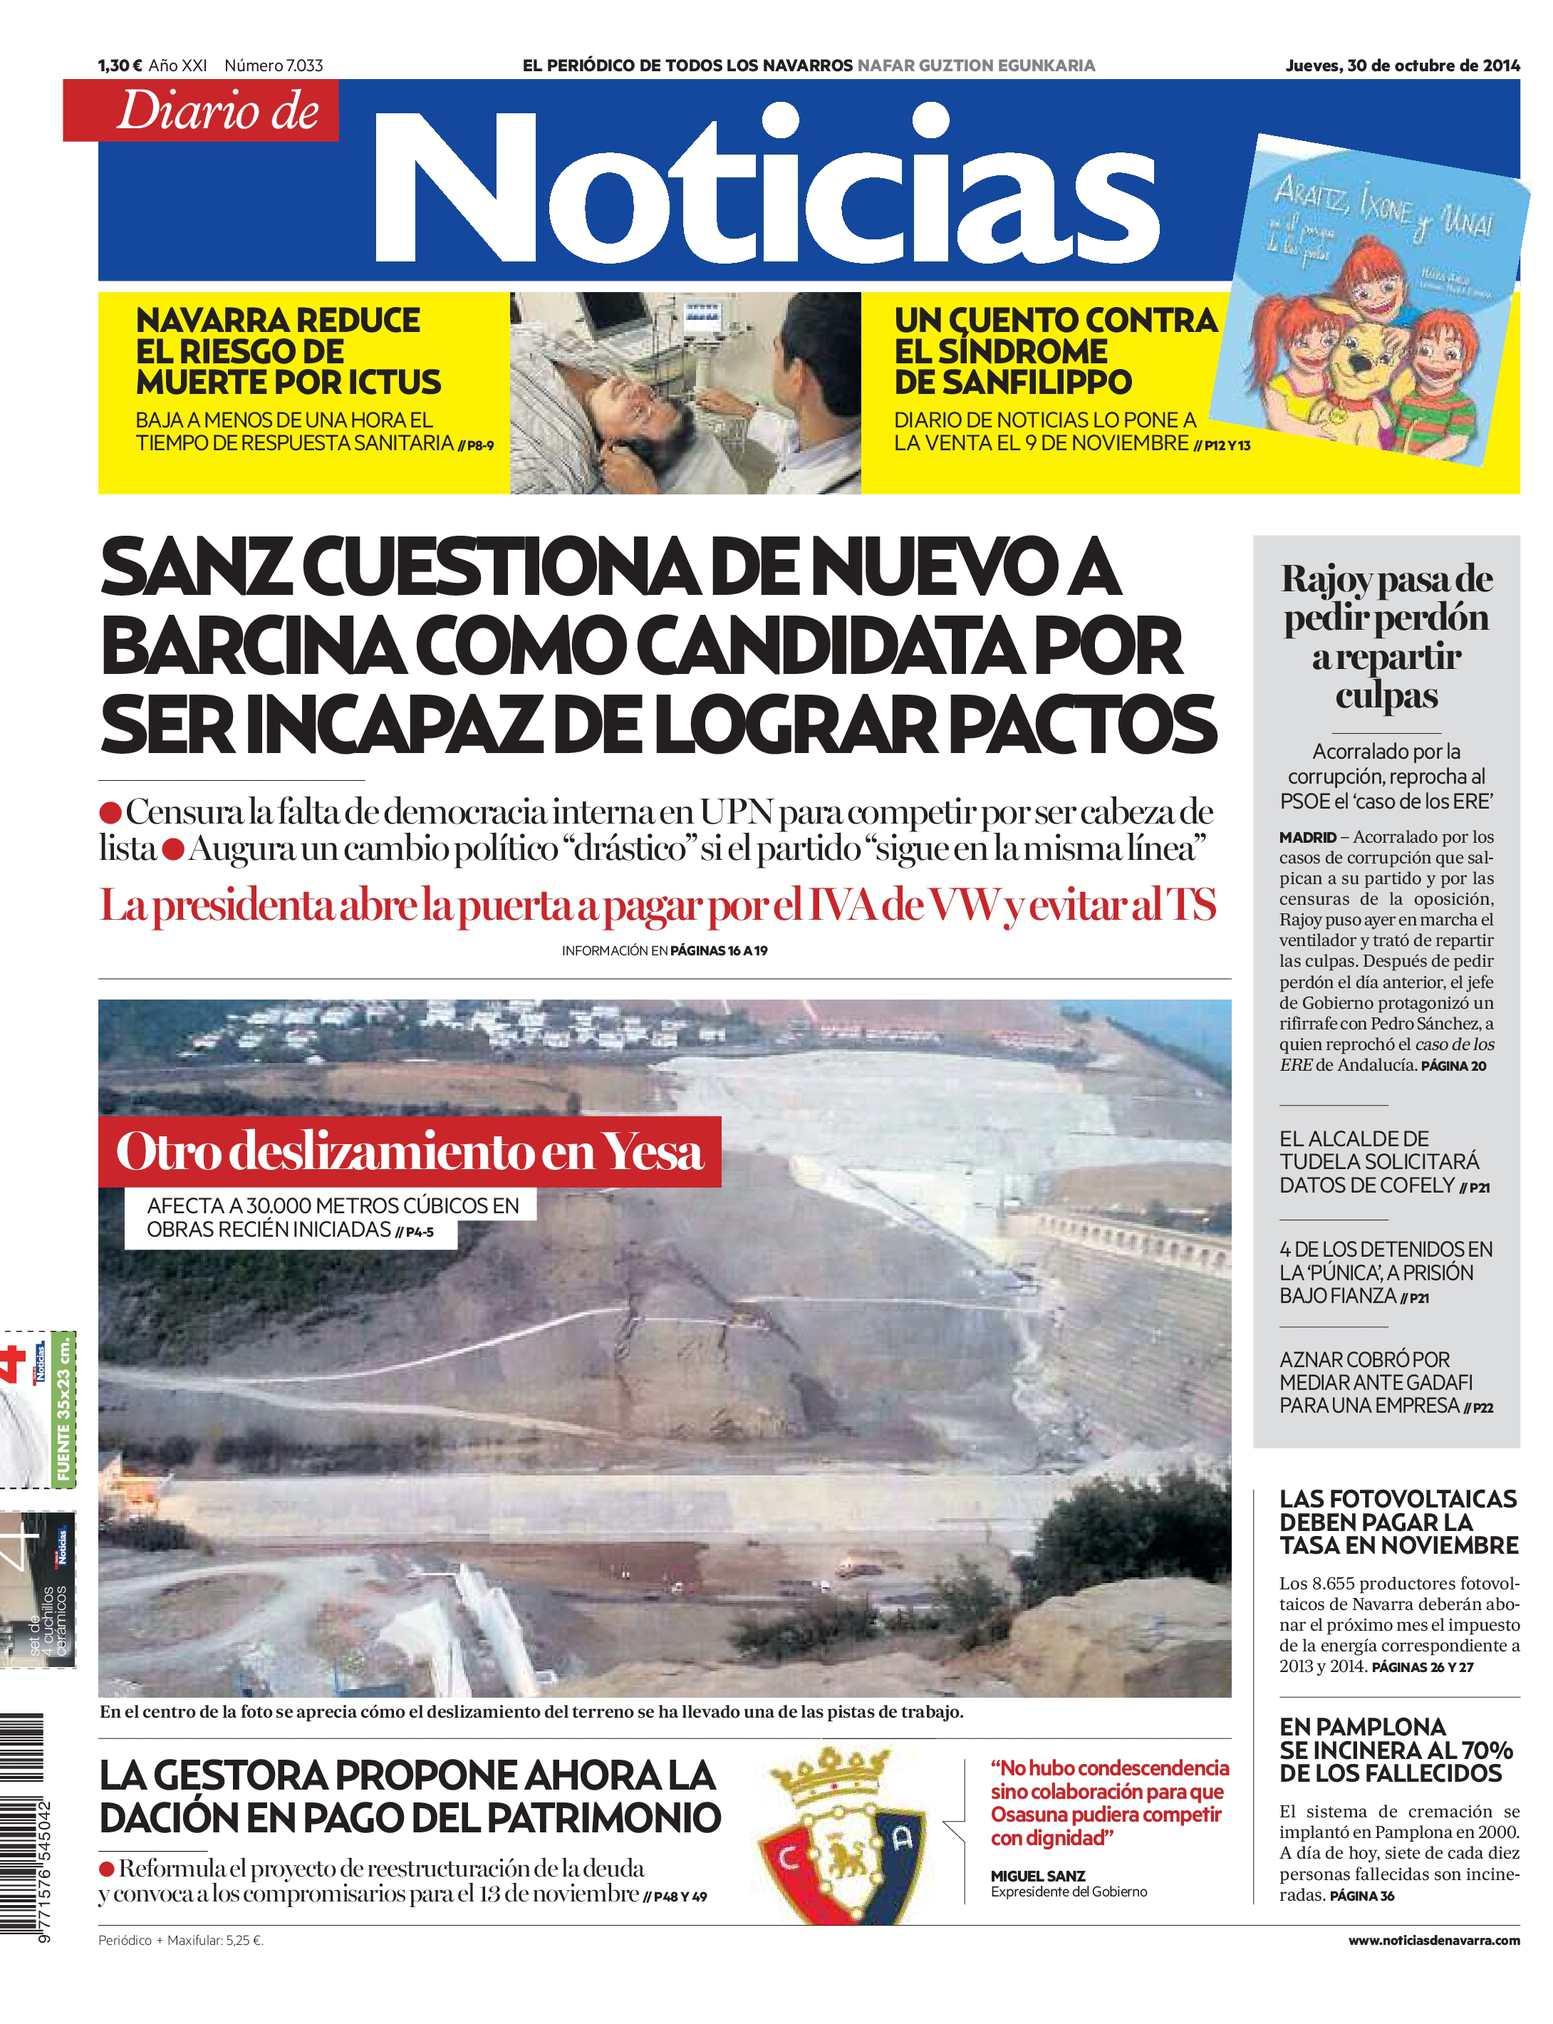 Calaméo - Diario de Noticias 20141030